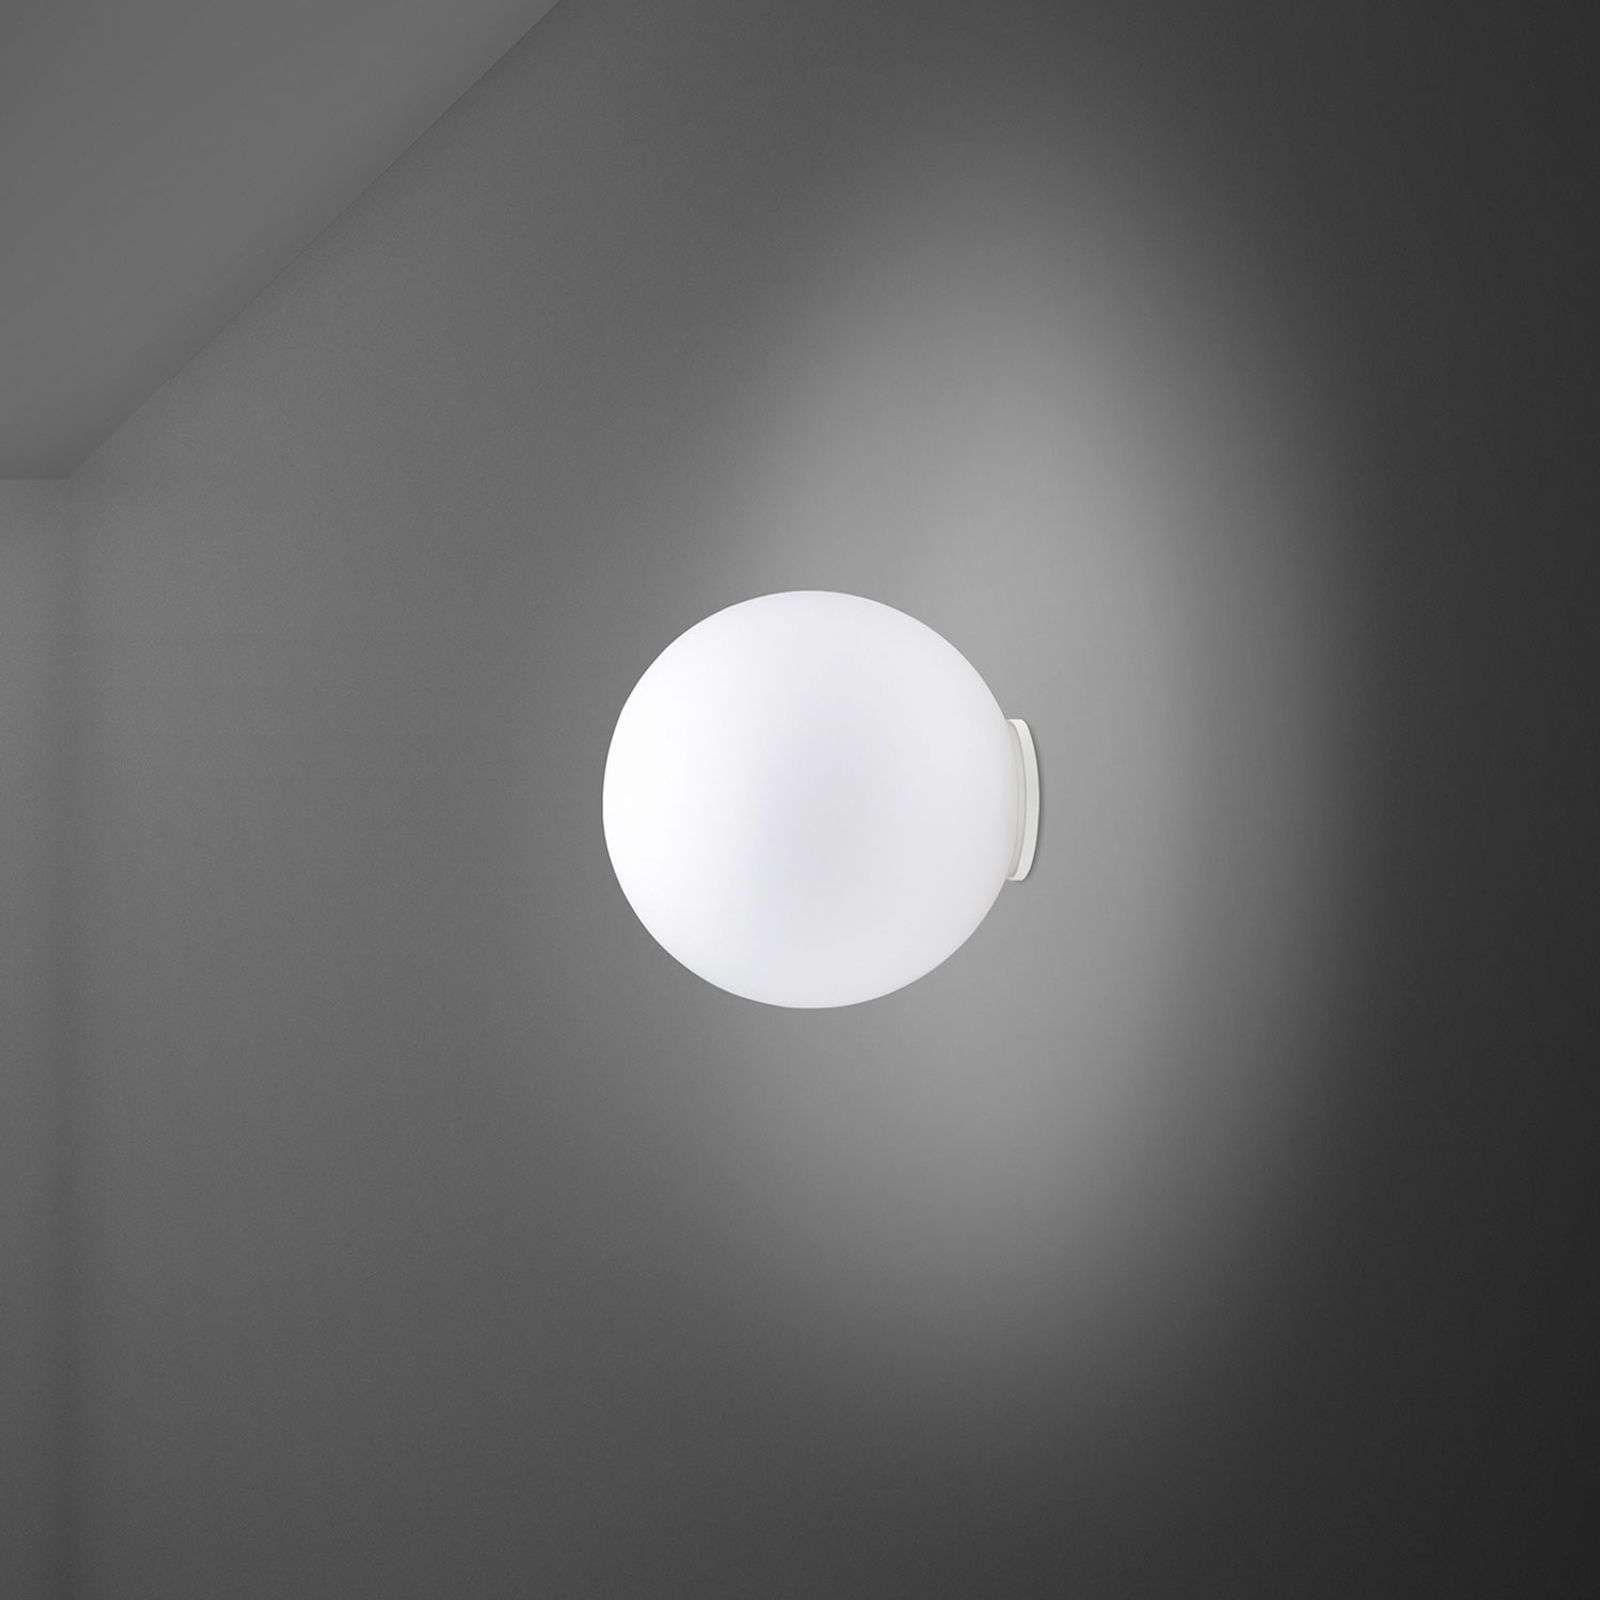 Fabbian Lumi Sfera Glas Wandleuchte Grivory Wandleuchte Glaskugel Und Lichtquelle